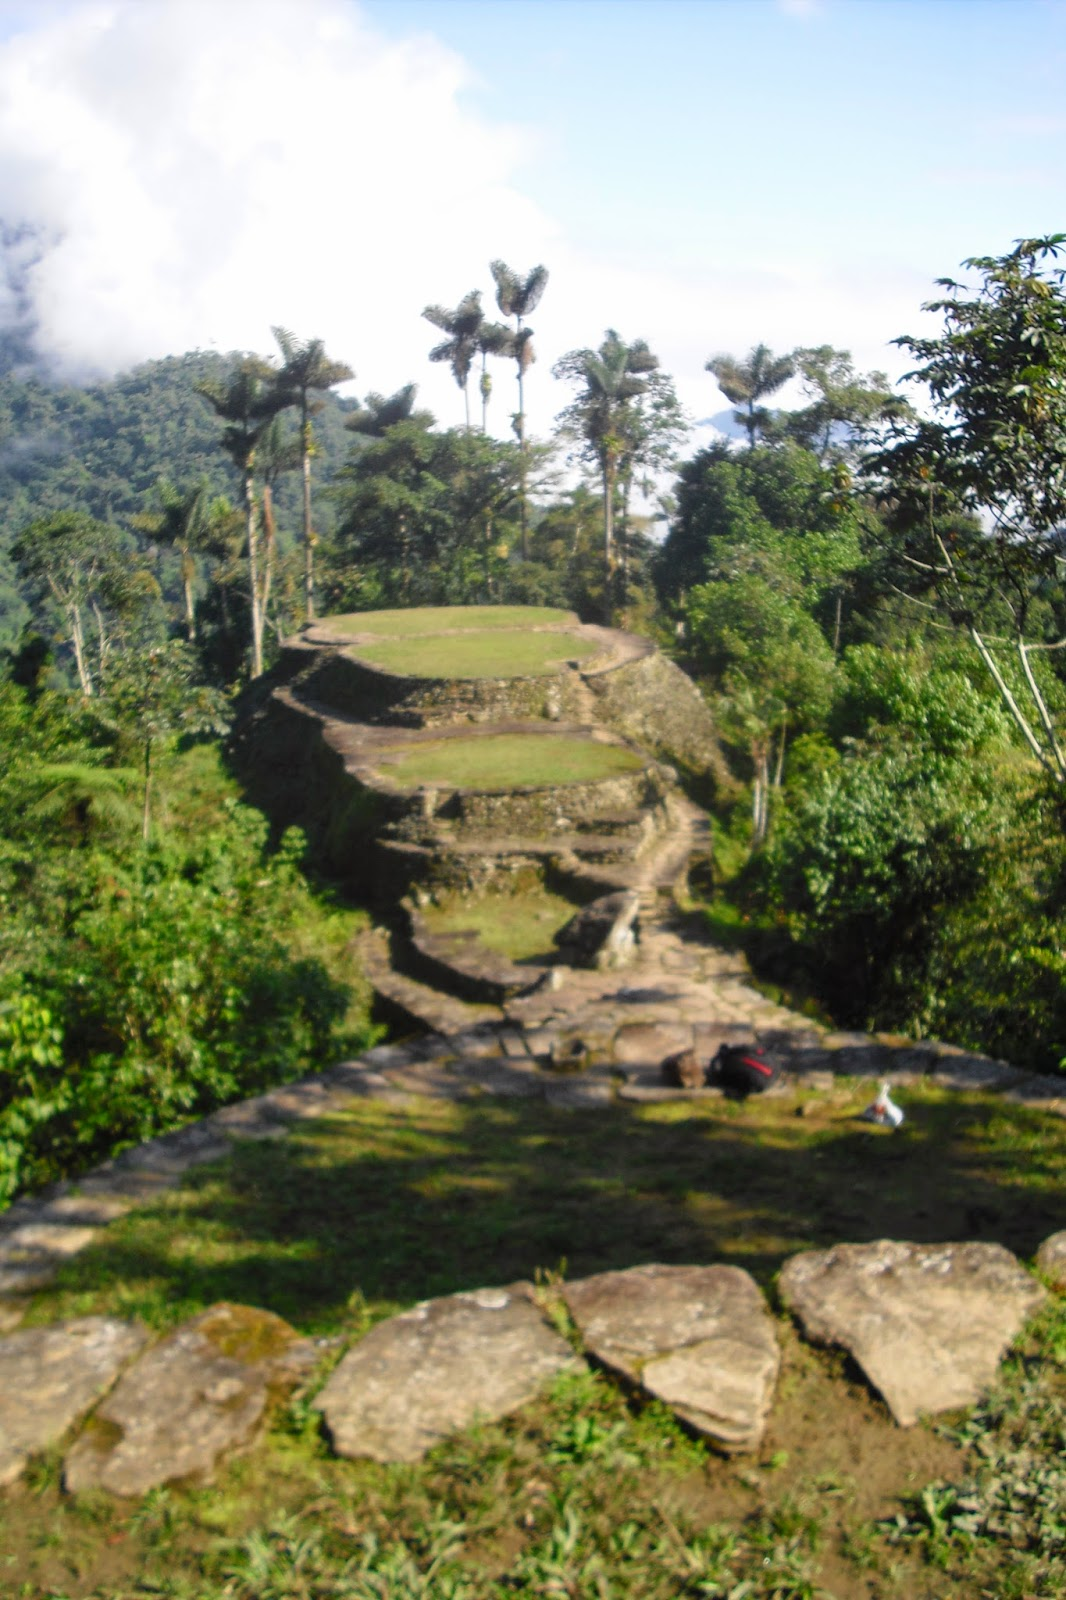 Colombia's La Ciudad Perdida, The Lost City. Next we need to find 'Postlandia'...